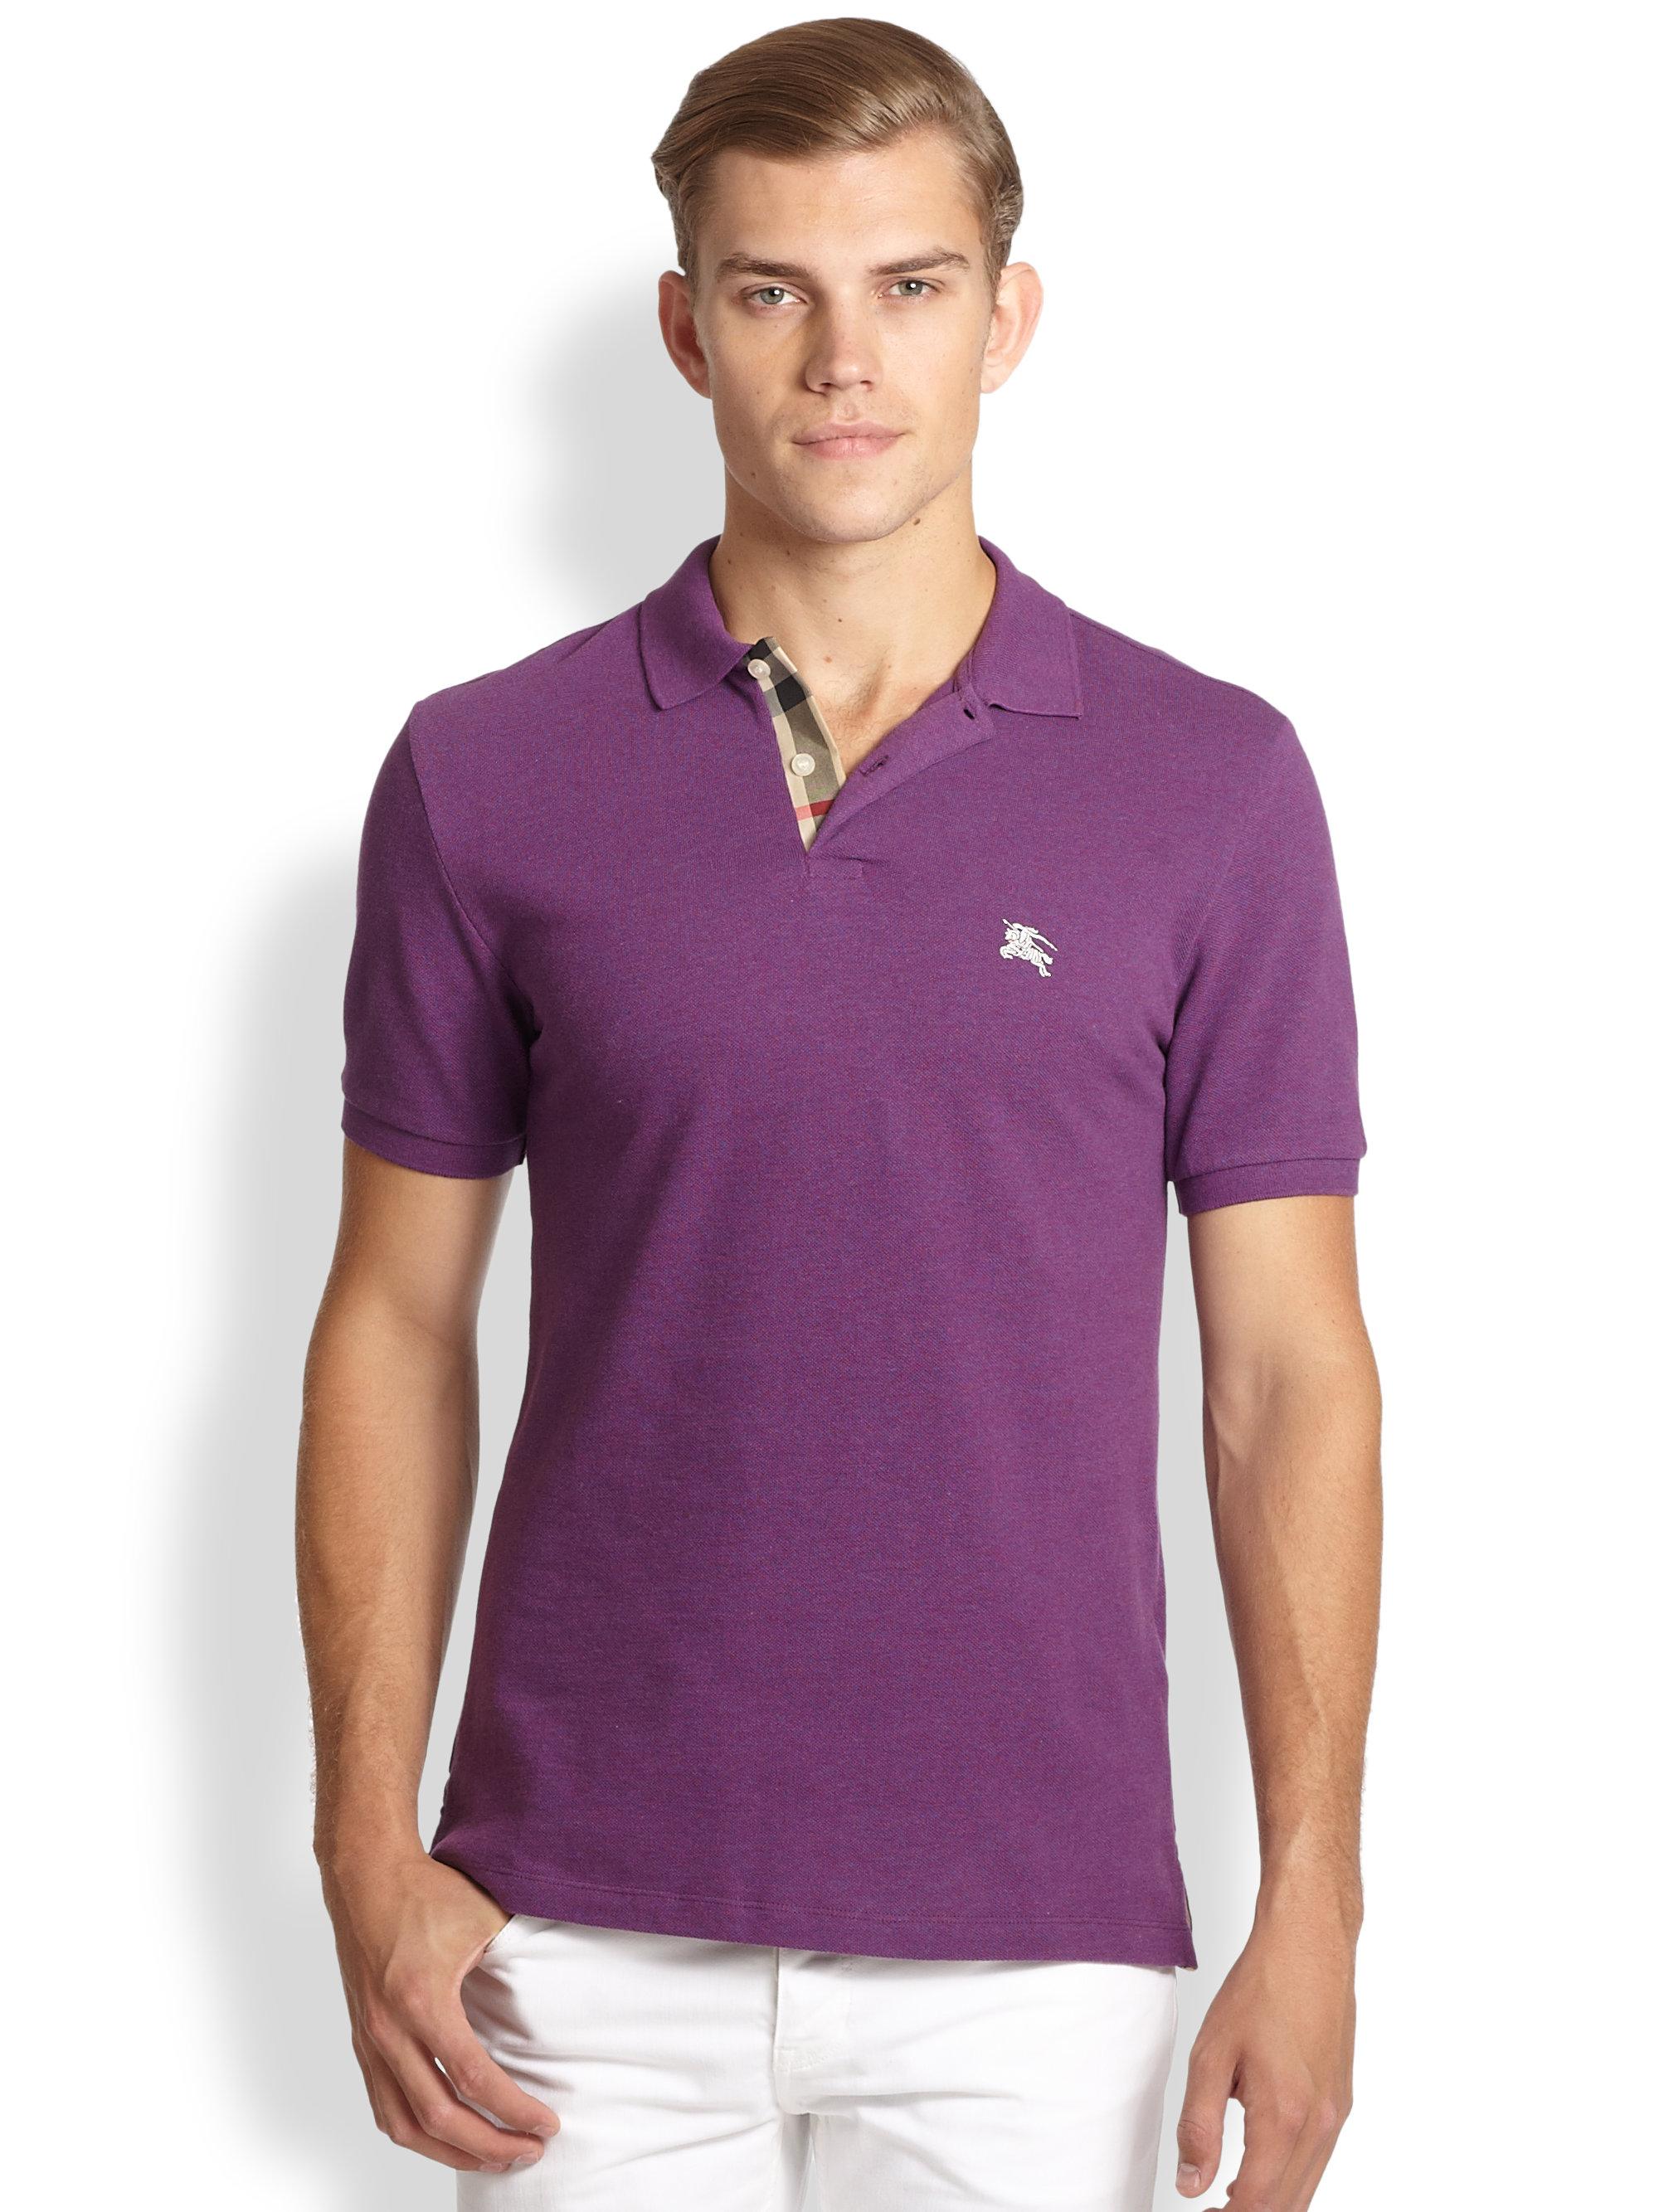 556c0b57e Burberry Brit Classic Pique Polo in Purple for Men - Lyst